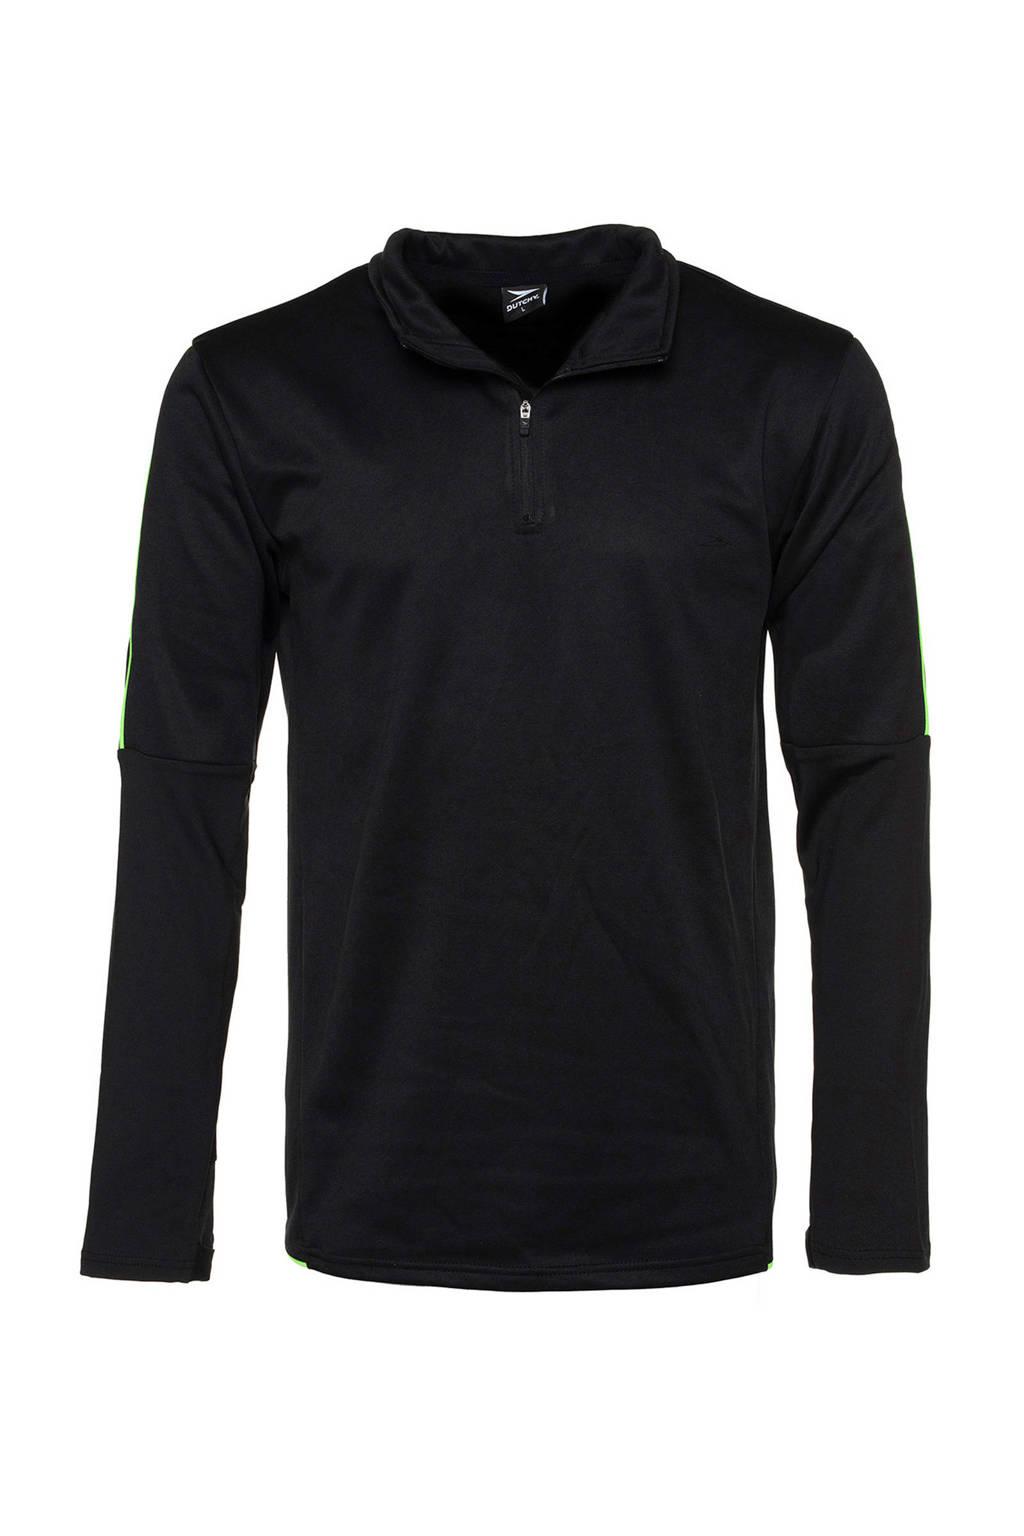 Scapino Dutchy   sport T-shirt zwart, Zwart/groen